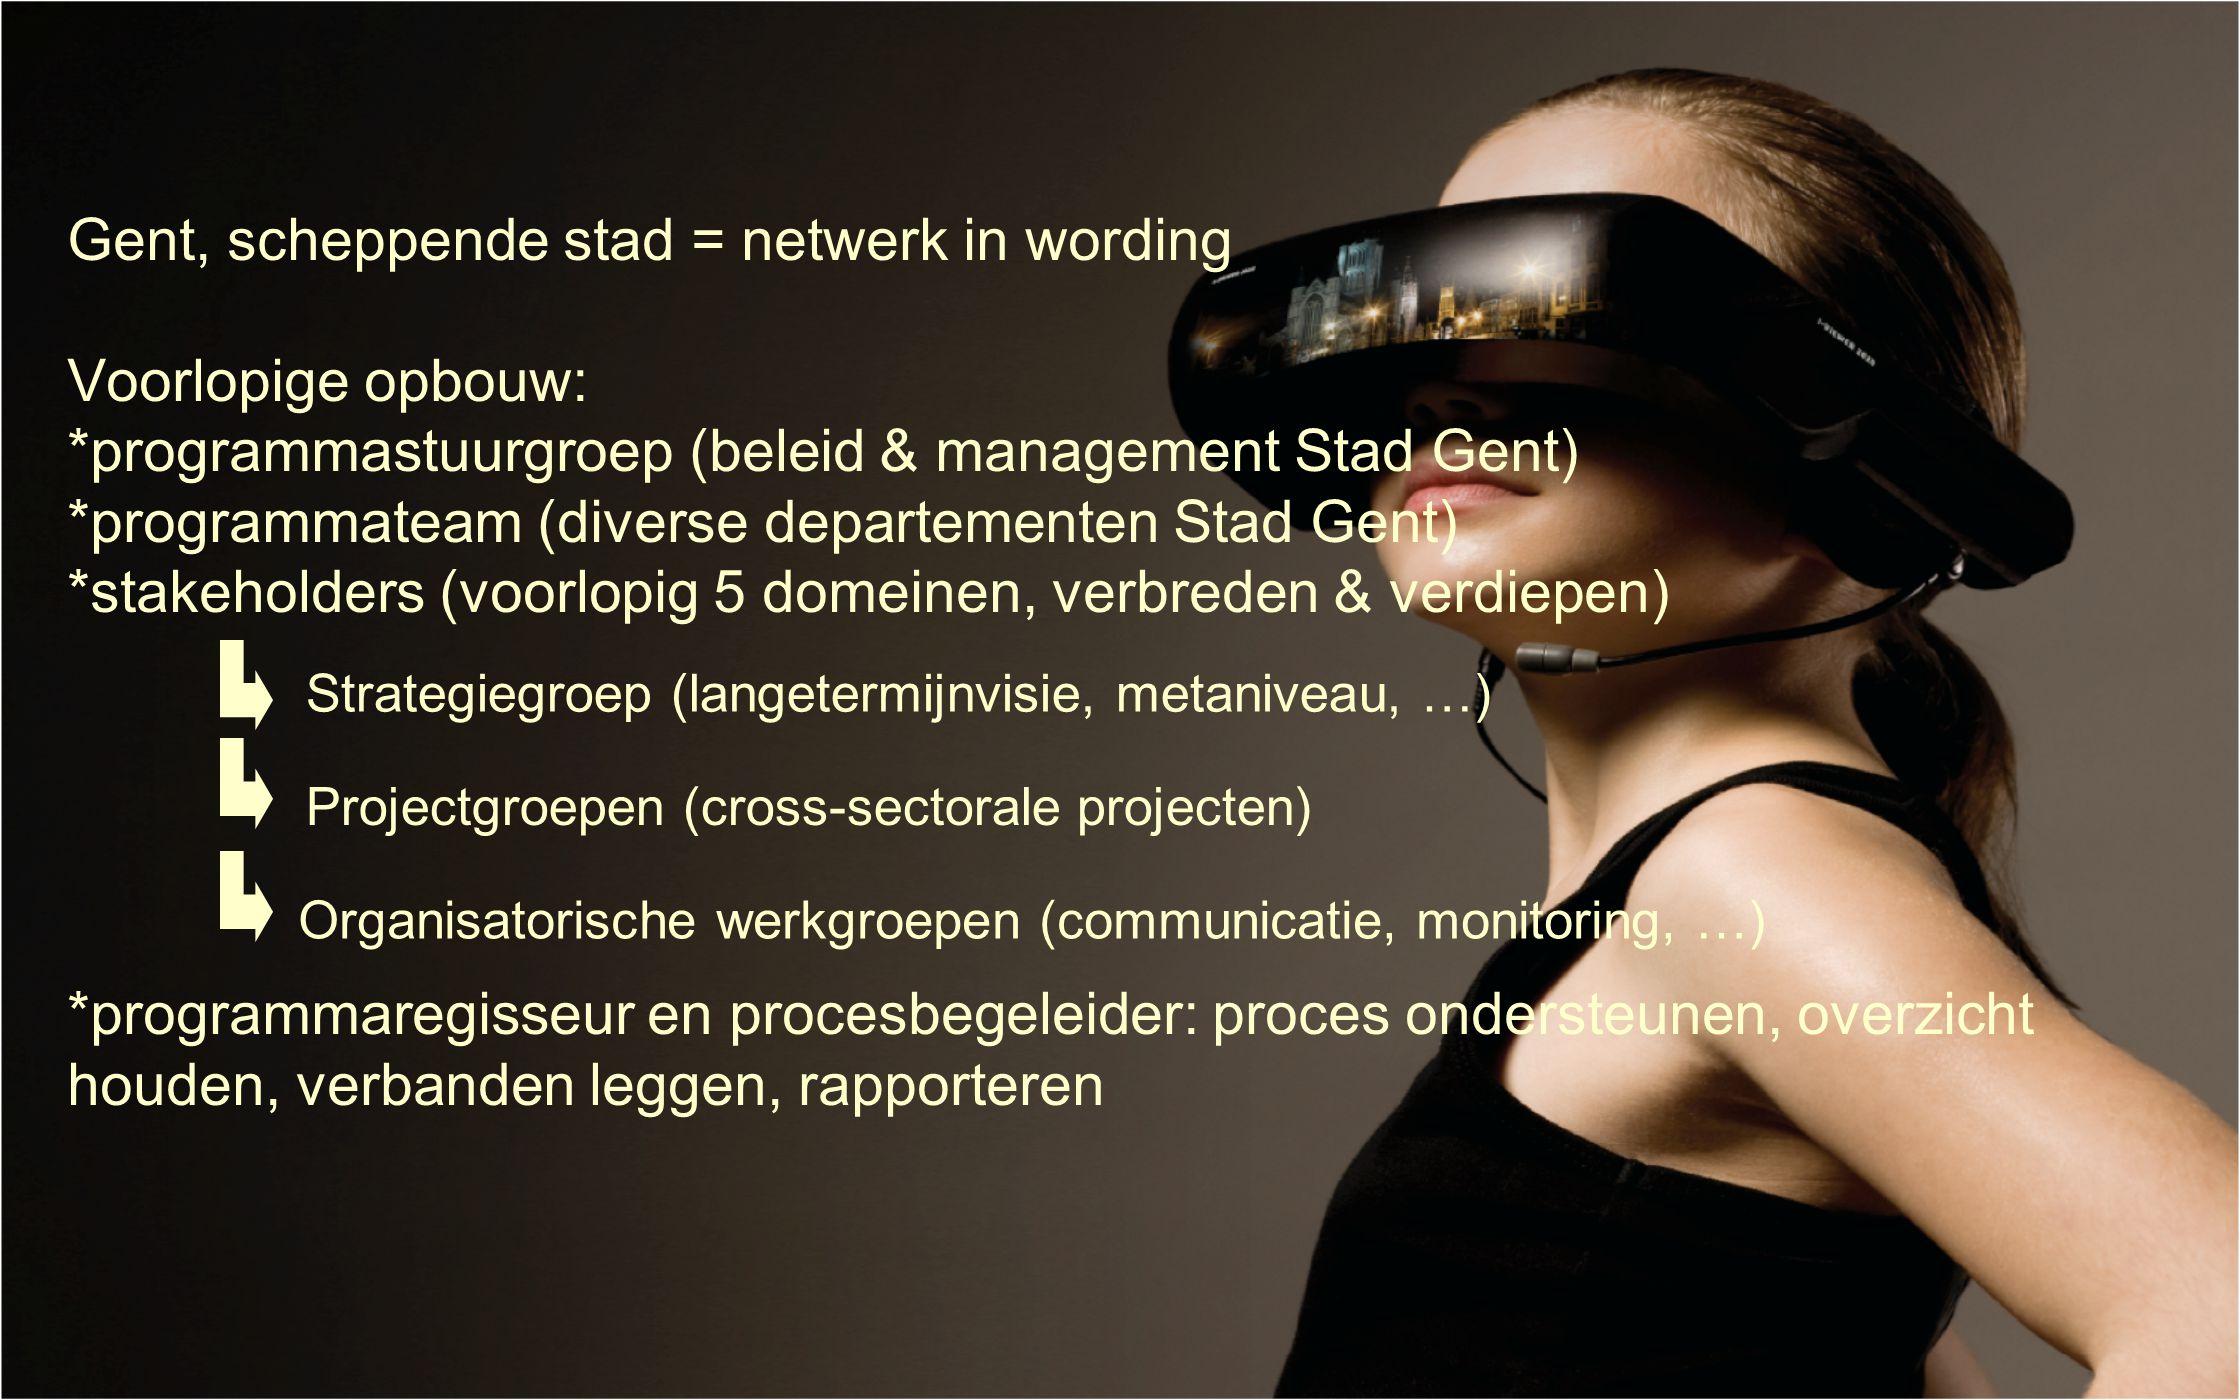 Gent, scheppende stad = netwerk in wording Voorlopige opbouw: *programmastuurgroep (beleid & management Stad Gent) *programmateam (diverse departementen Stad Gent) *stakeholders (voorlopig 5 domeinen, verbreden & verdiepen) *programmaregisseur en procesbegeleider: proces ondersteunen, overzicht houden, verbanden leggen, rapporteren Projectgroepen (cross-sectorale projecten) Strategiegroep (langetermijnvisie, metaniveau, …) Organisatorische werkgroepen (communicatie, monitoring, …)